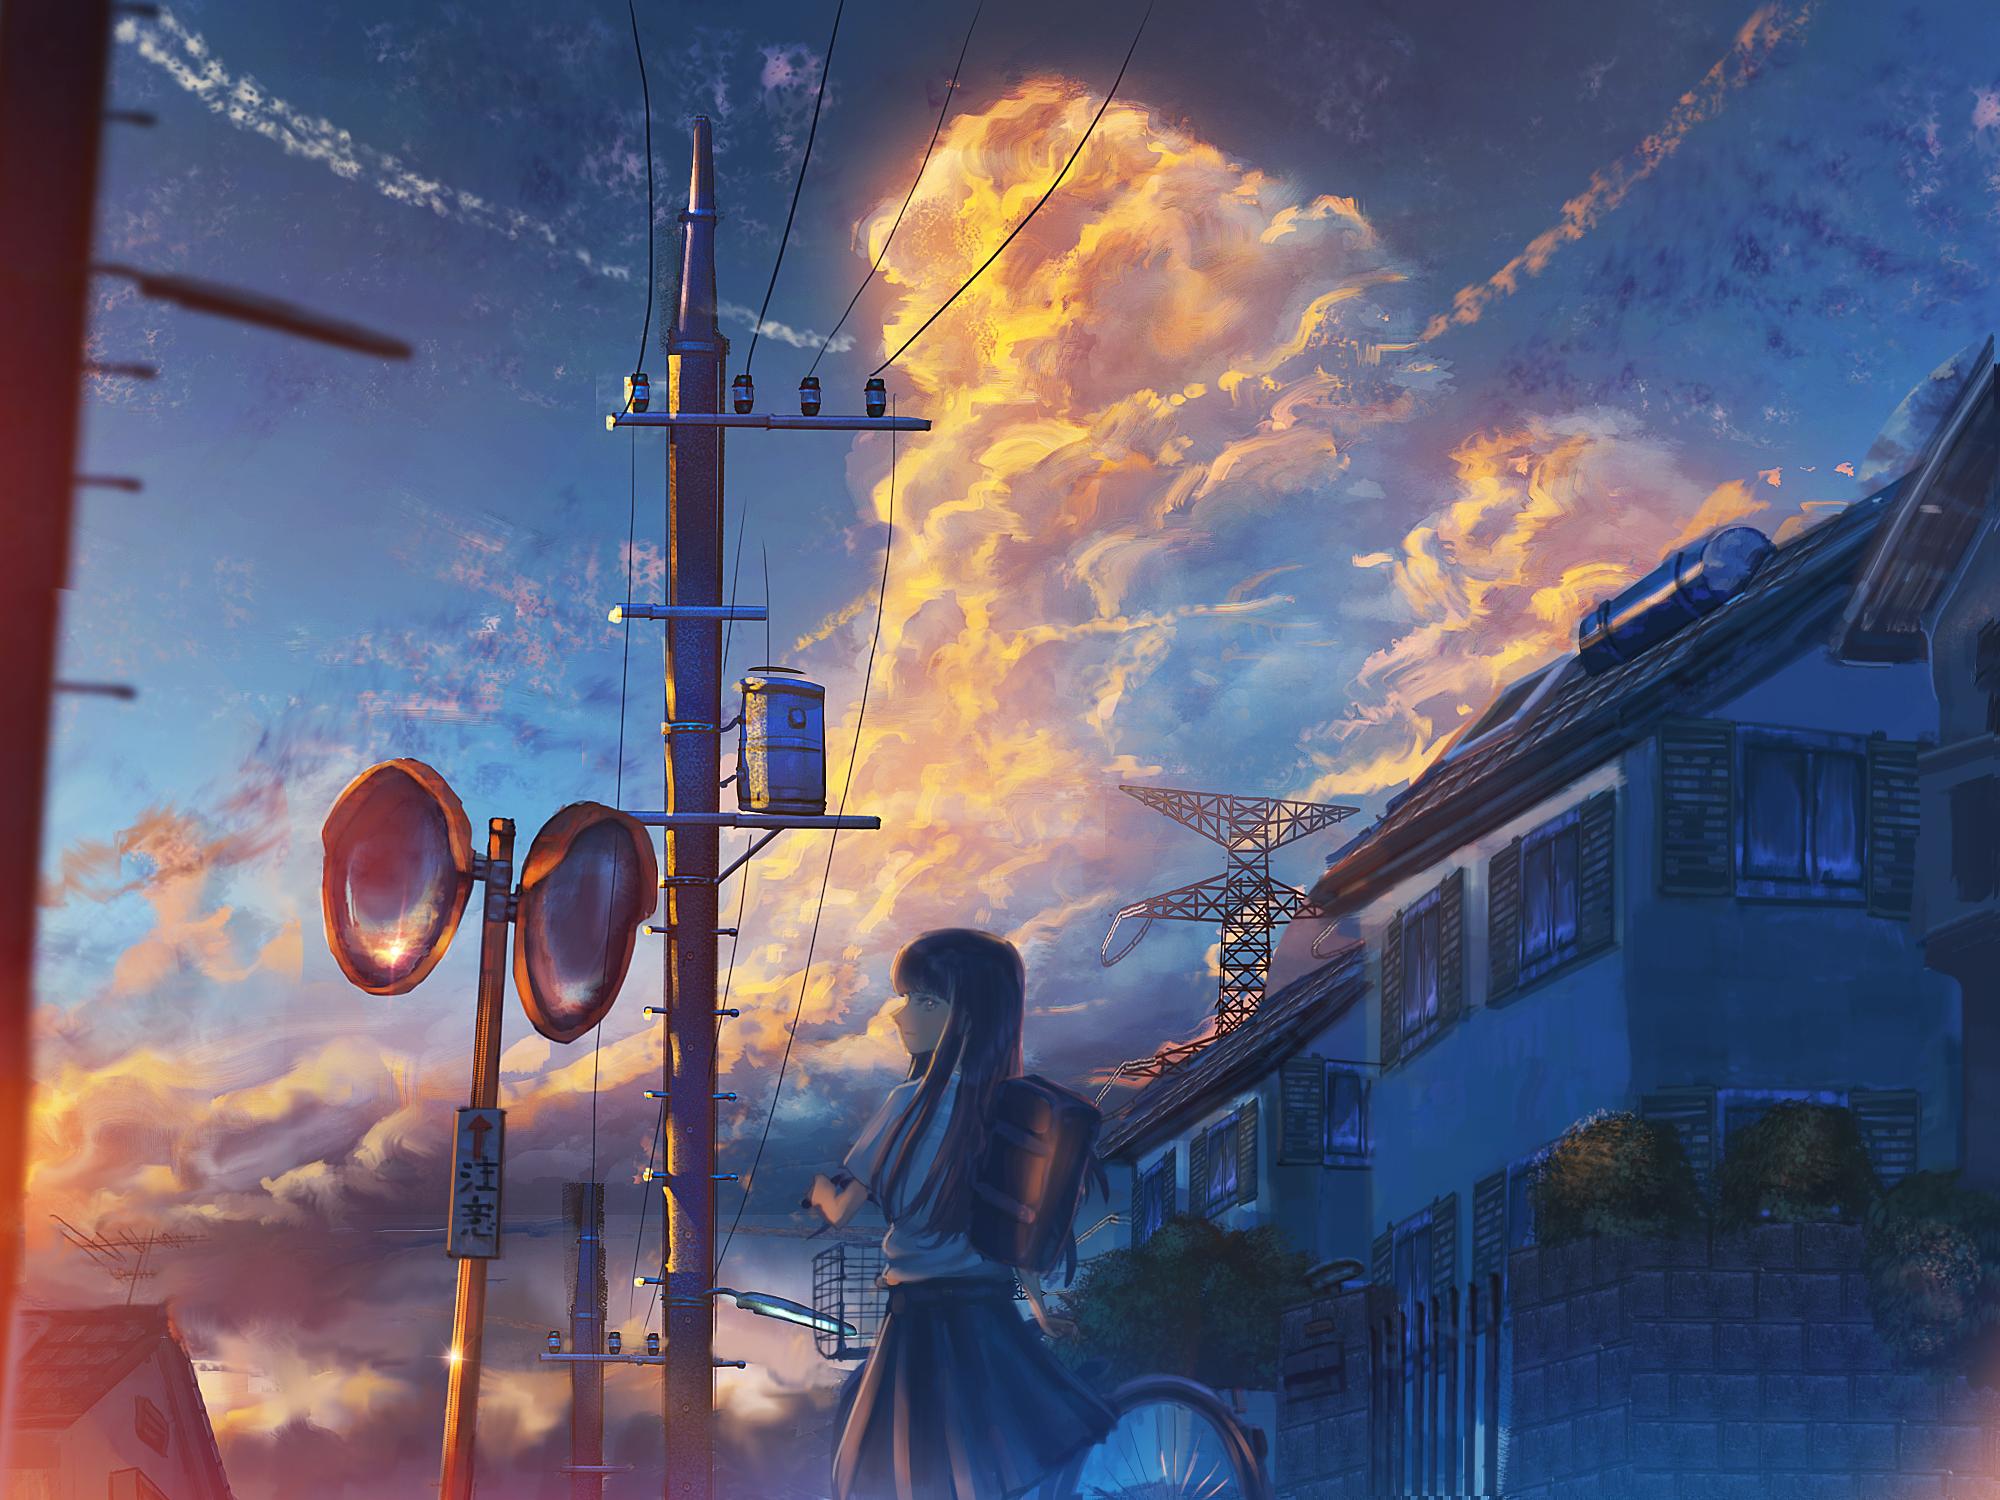 【P站画师】日本画师ナコモ的插画作品- ACG17.COM